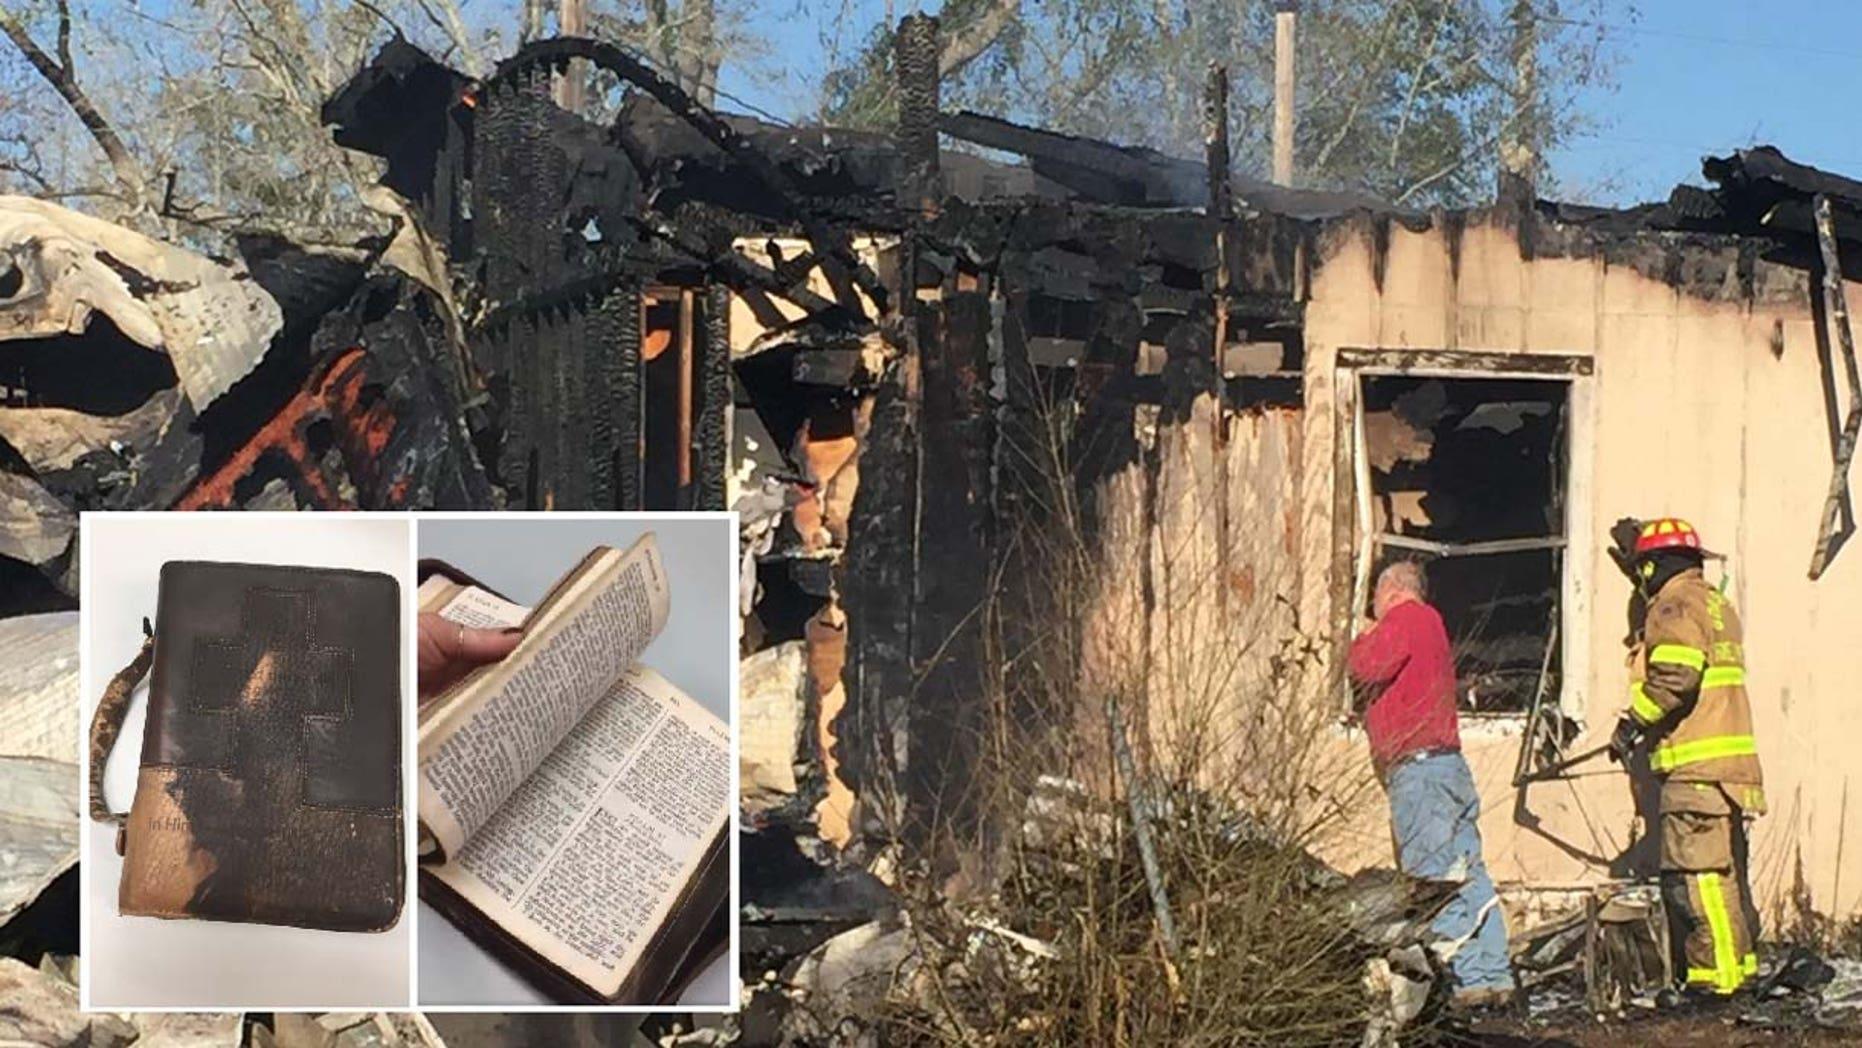 Alabama man's Bible survives devastating home fire ...